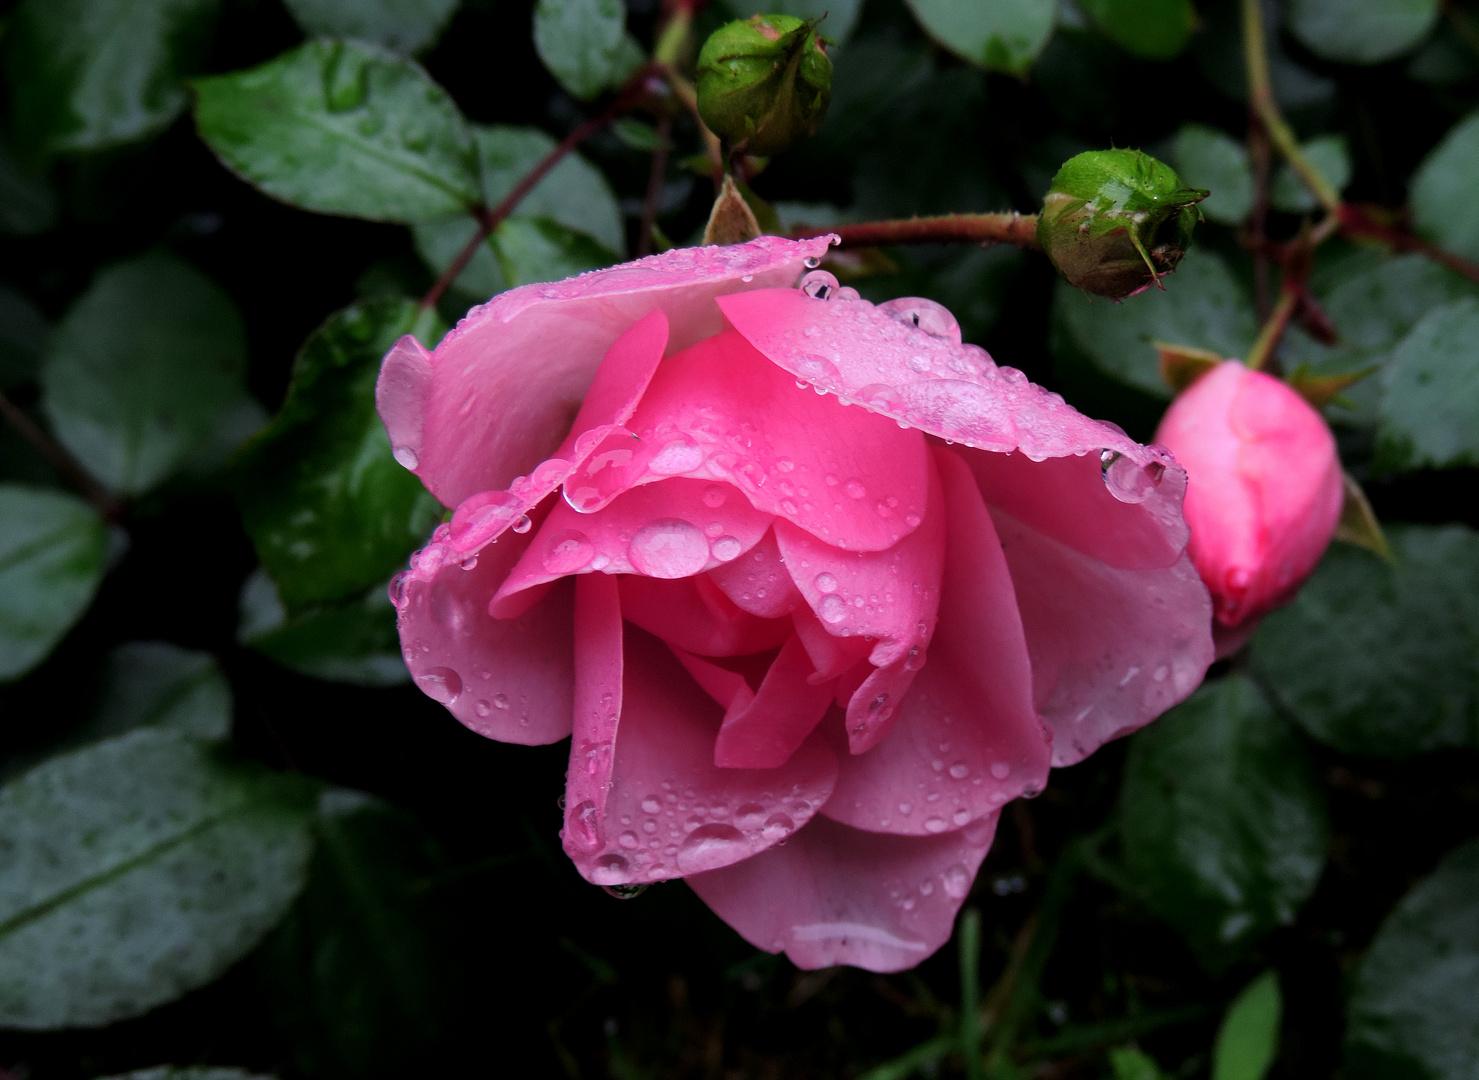 h ngende k pfe foto bild fleurs roses rosen bilder auf fotocommunity. Black Bedroom Furniture Sets. Home Design Ideas